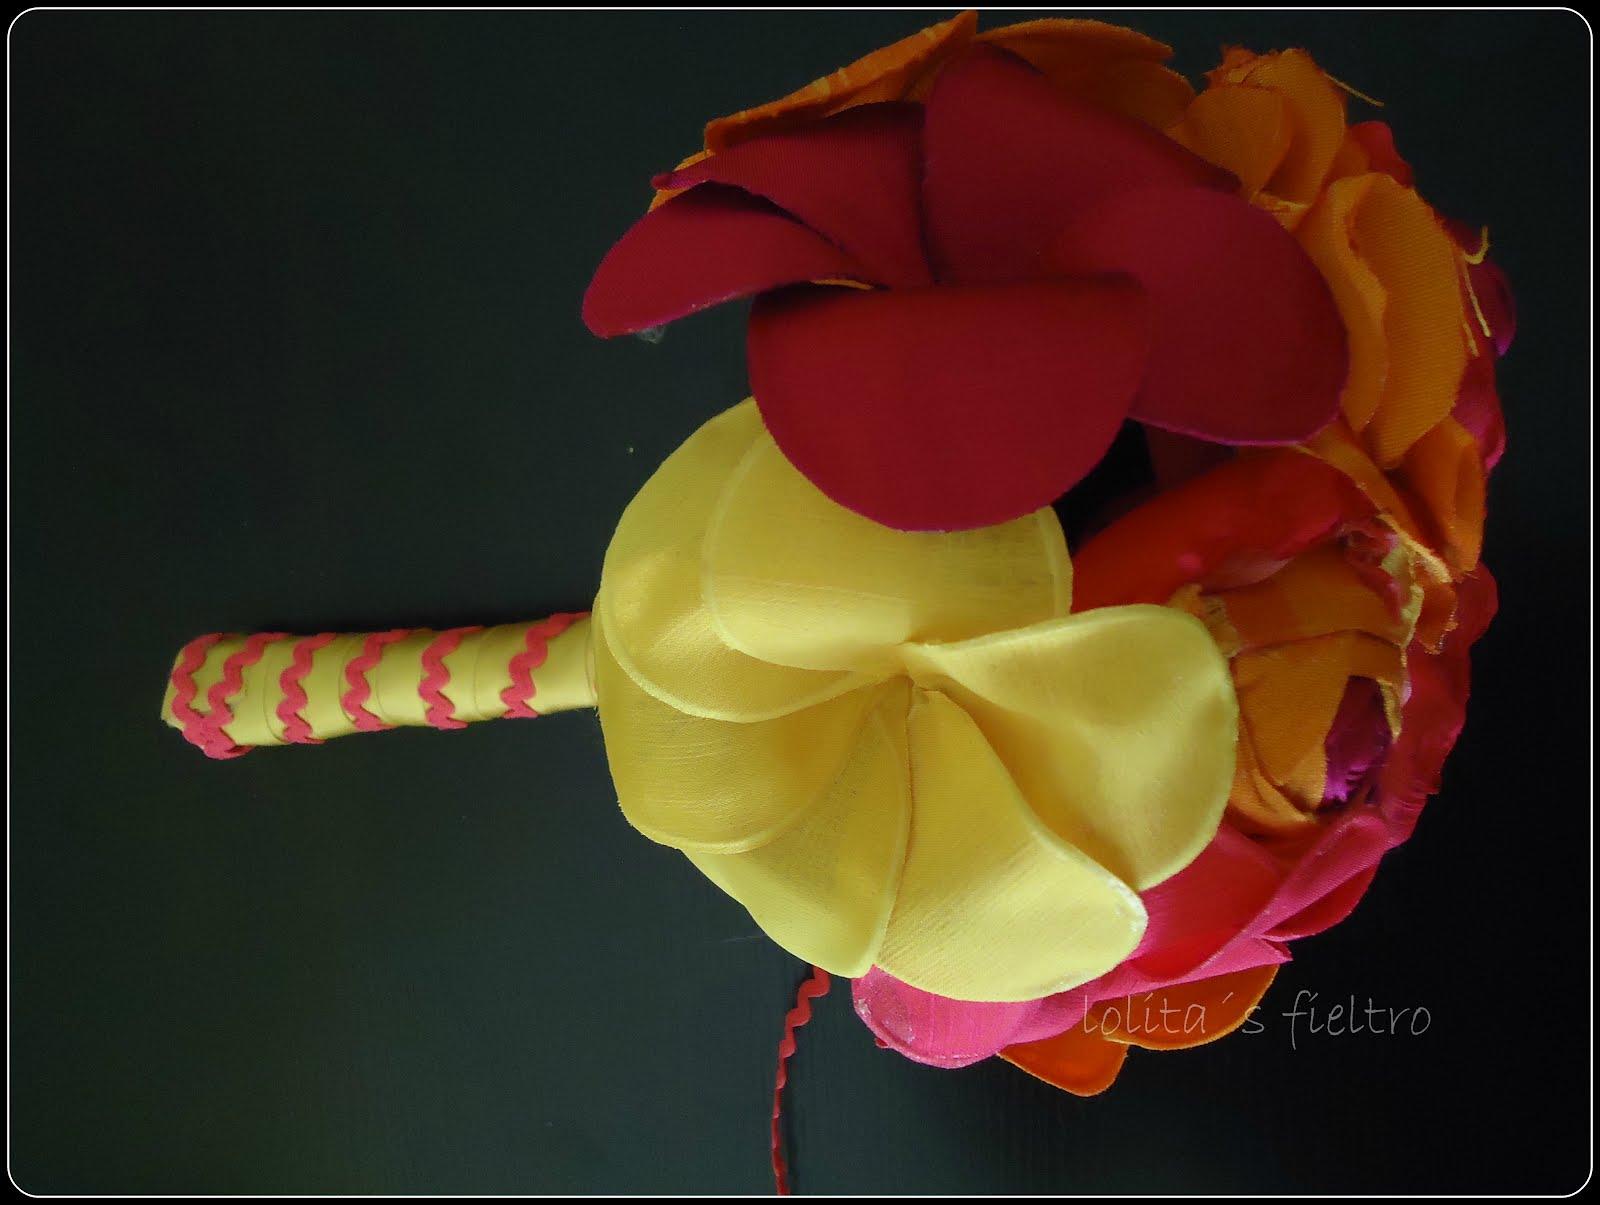 Imagenes De Flores En Fieltro - * Mi Casa Inventada *: Cojines con flores en fieltro